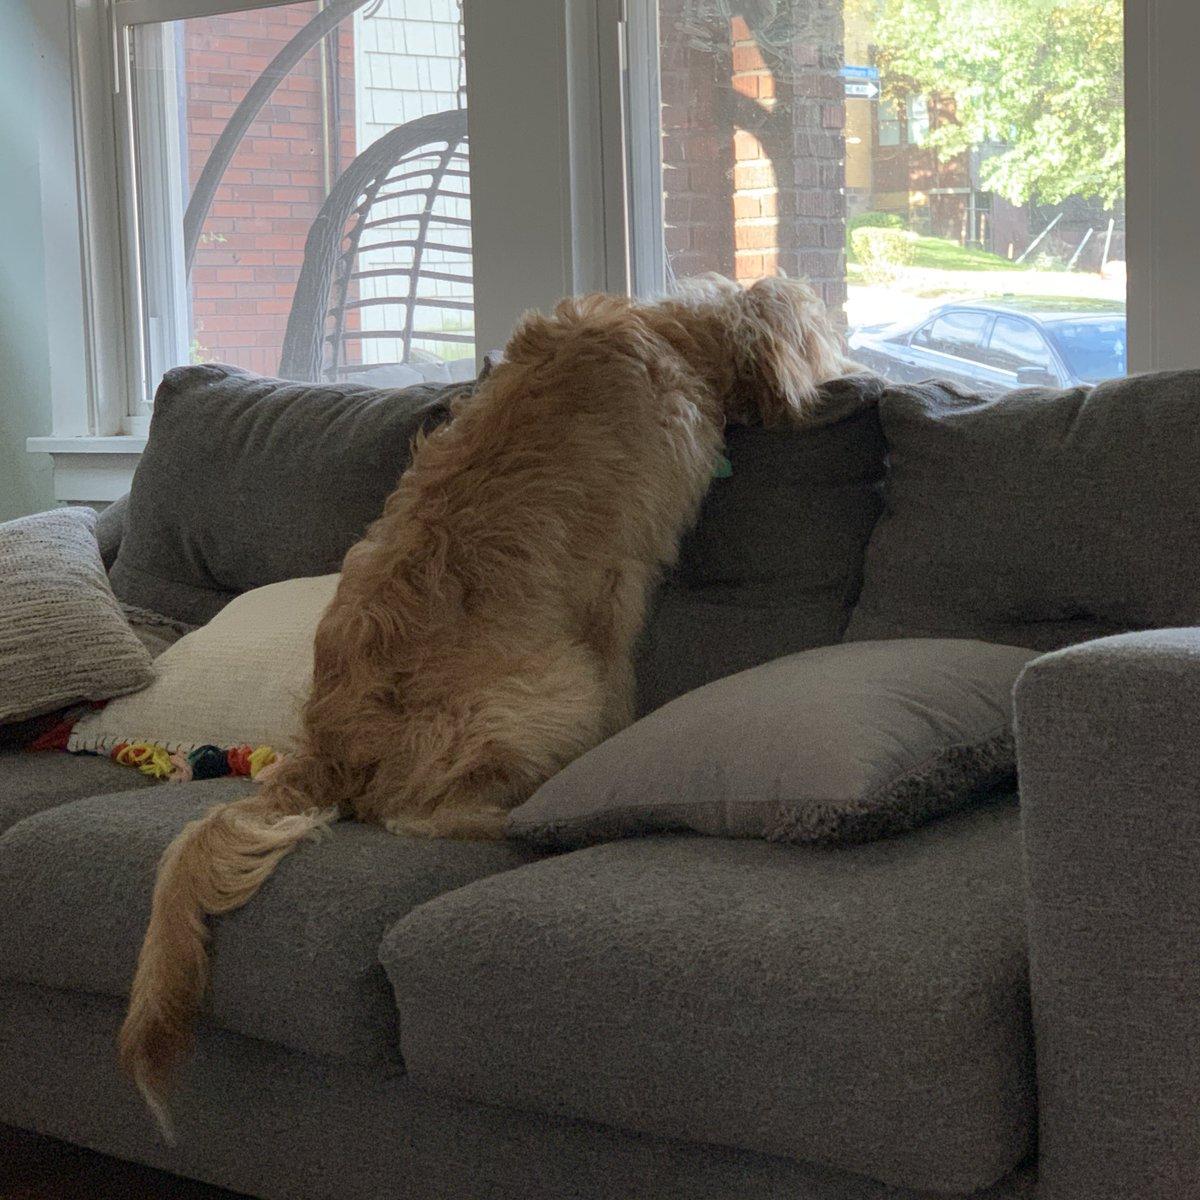 @McKenzieMNelson my dog, apparently